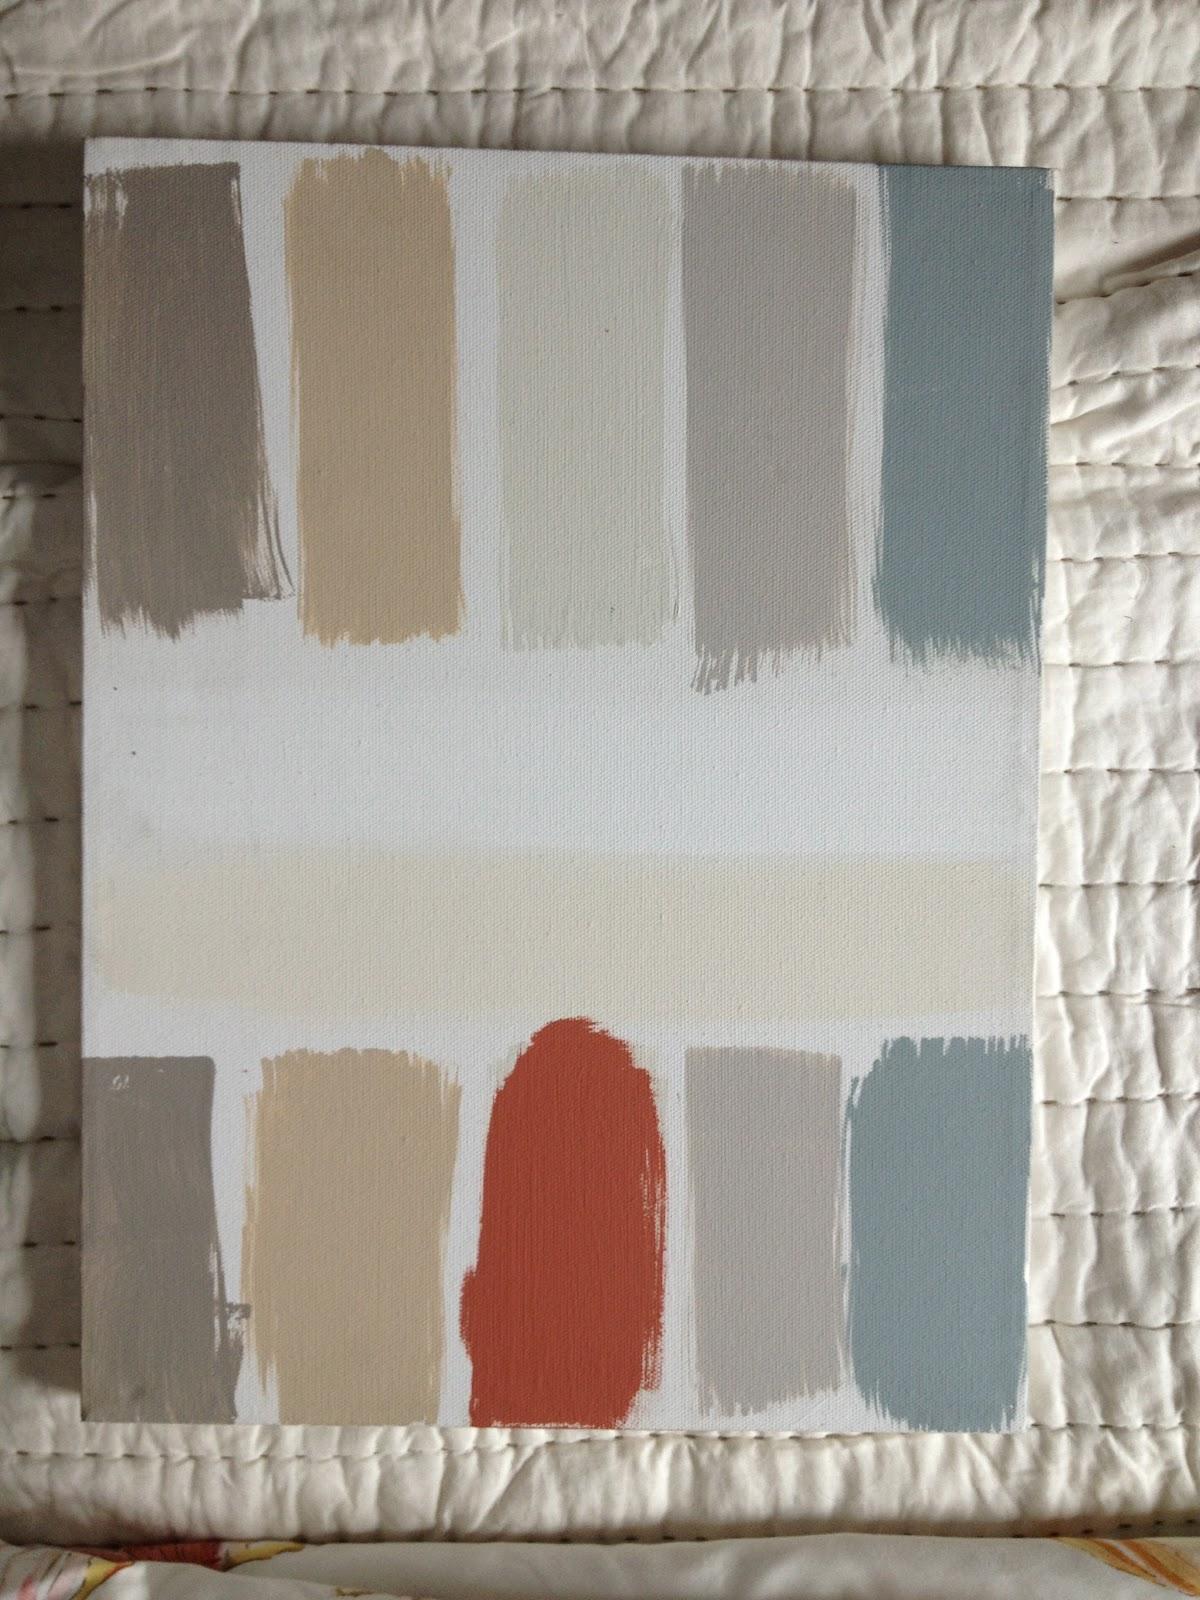 Benjamin Moore Paints (cumulus Cloud, Shaker Beige, Wedding Chapel,  Kentucky Haze,